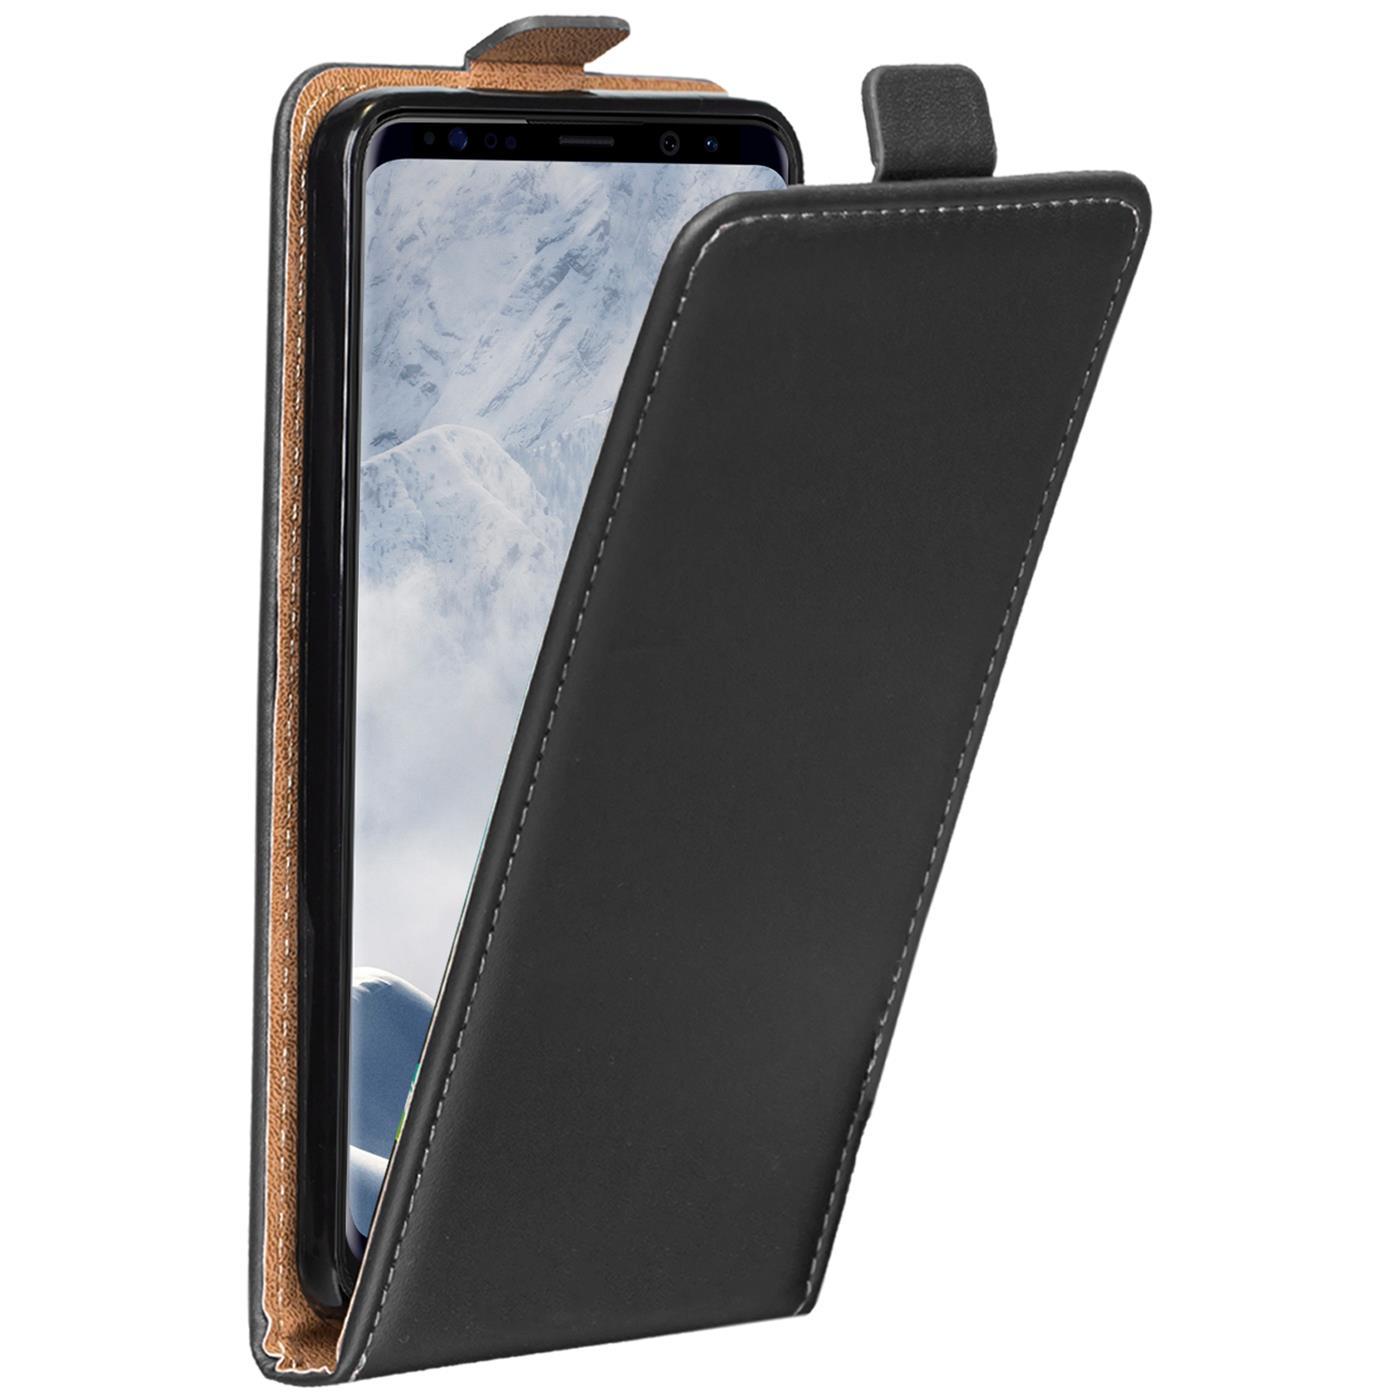 Klapphuelle-Samsung-Galaxy-Flip-Case-Tasche-Schutzhuelle-Cover-Schutz-Handy-Huelle Indexbild 9